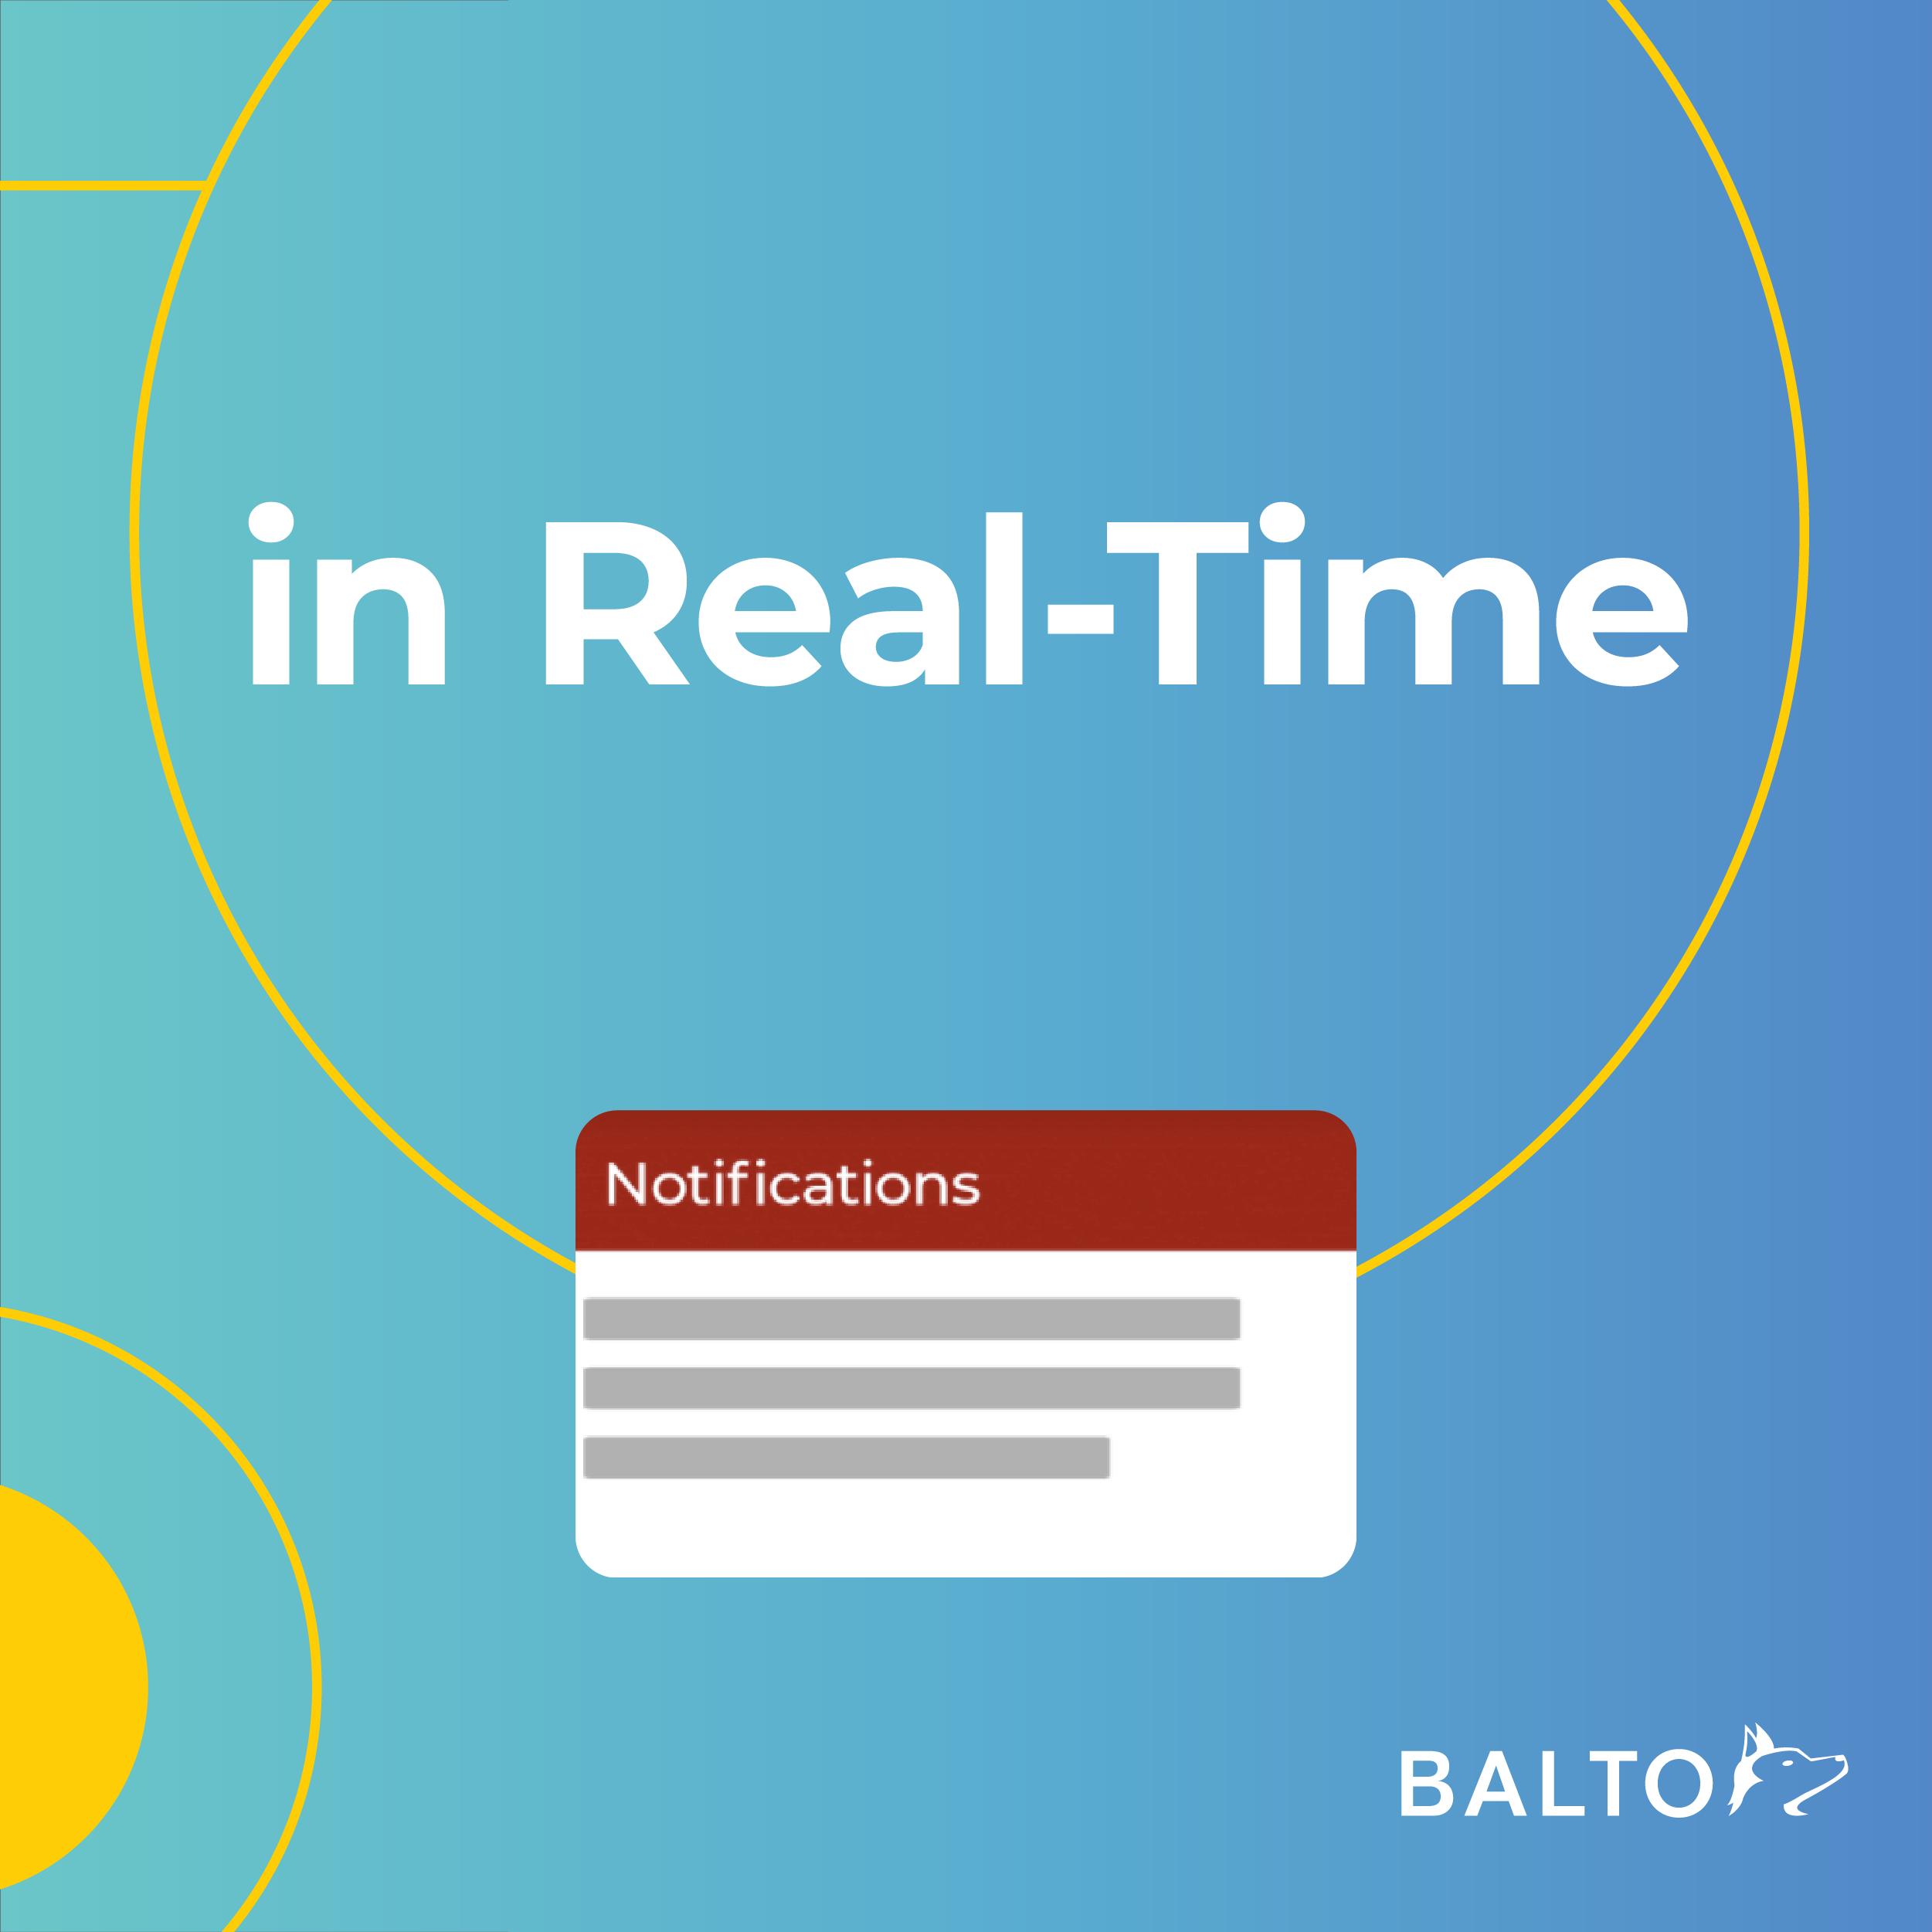 Balto_Concept 1_FacebookCarousel_3-1